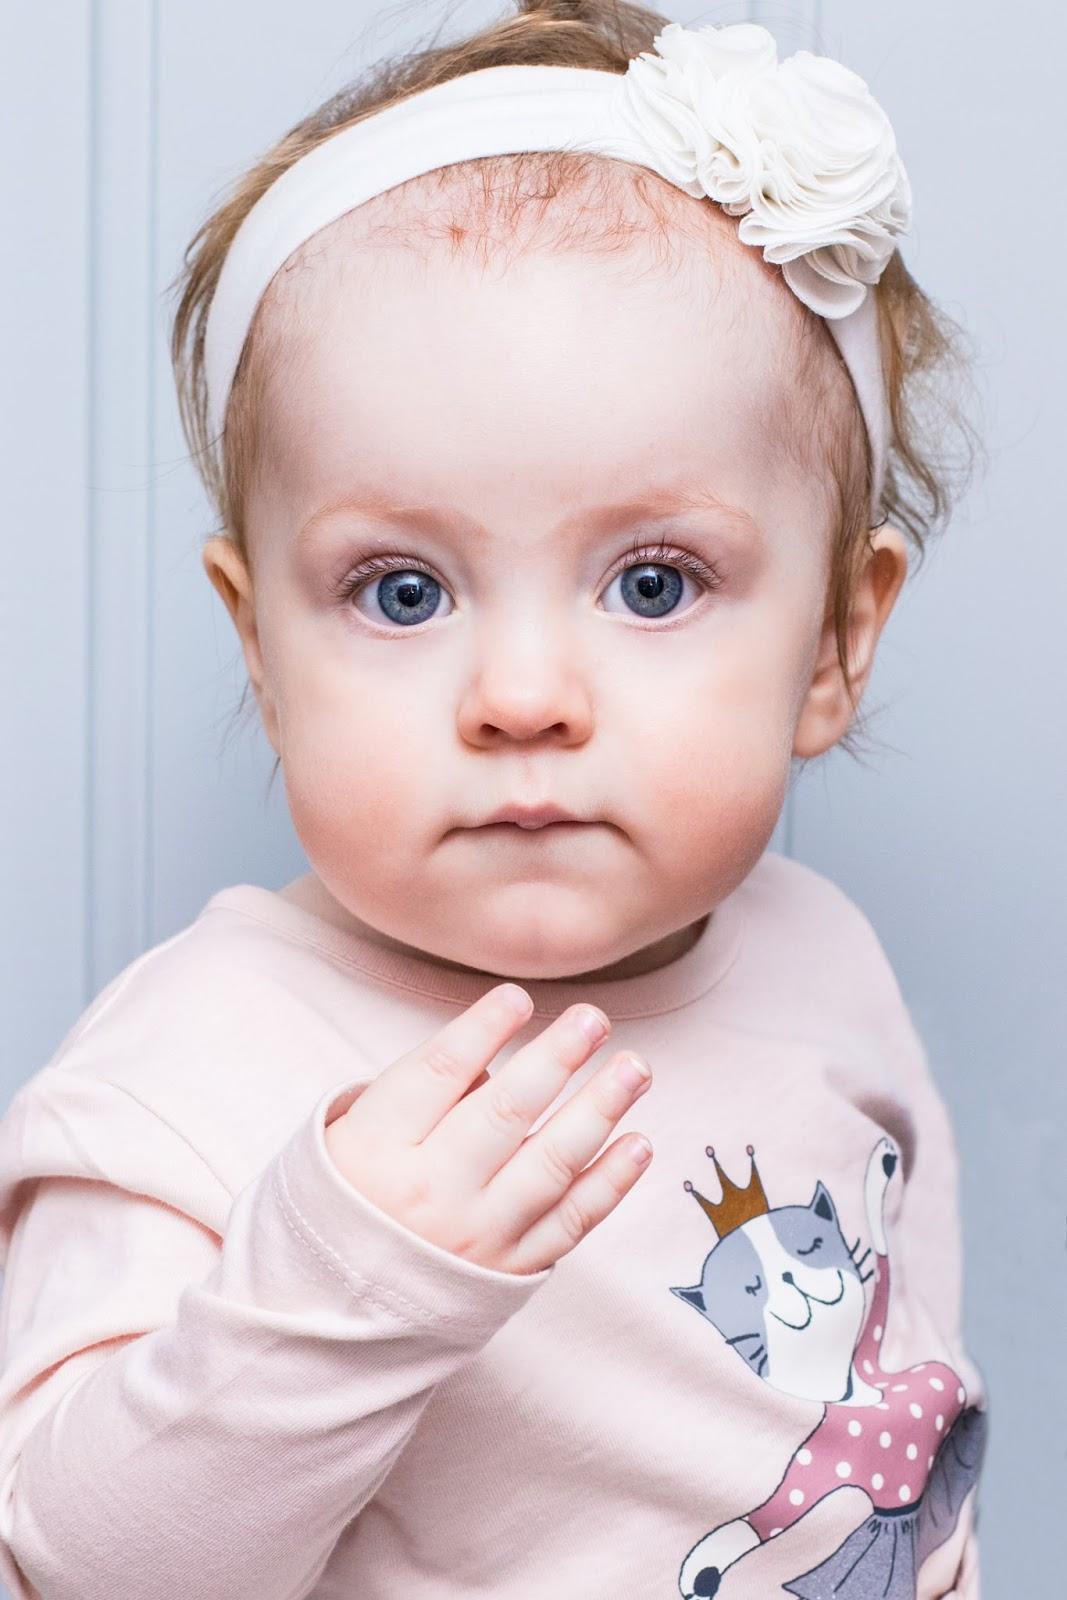 http://mediainoslo.blogspot.no/p/baby-og-familie.html